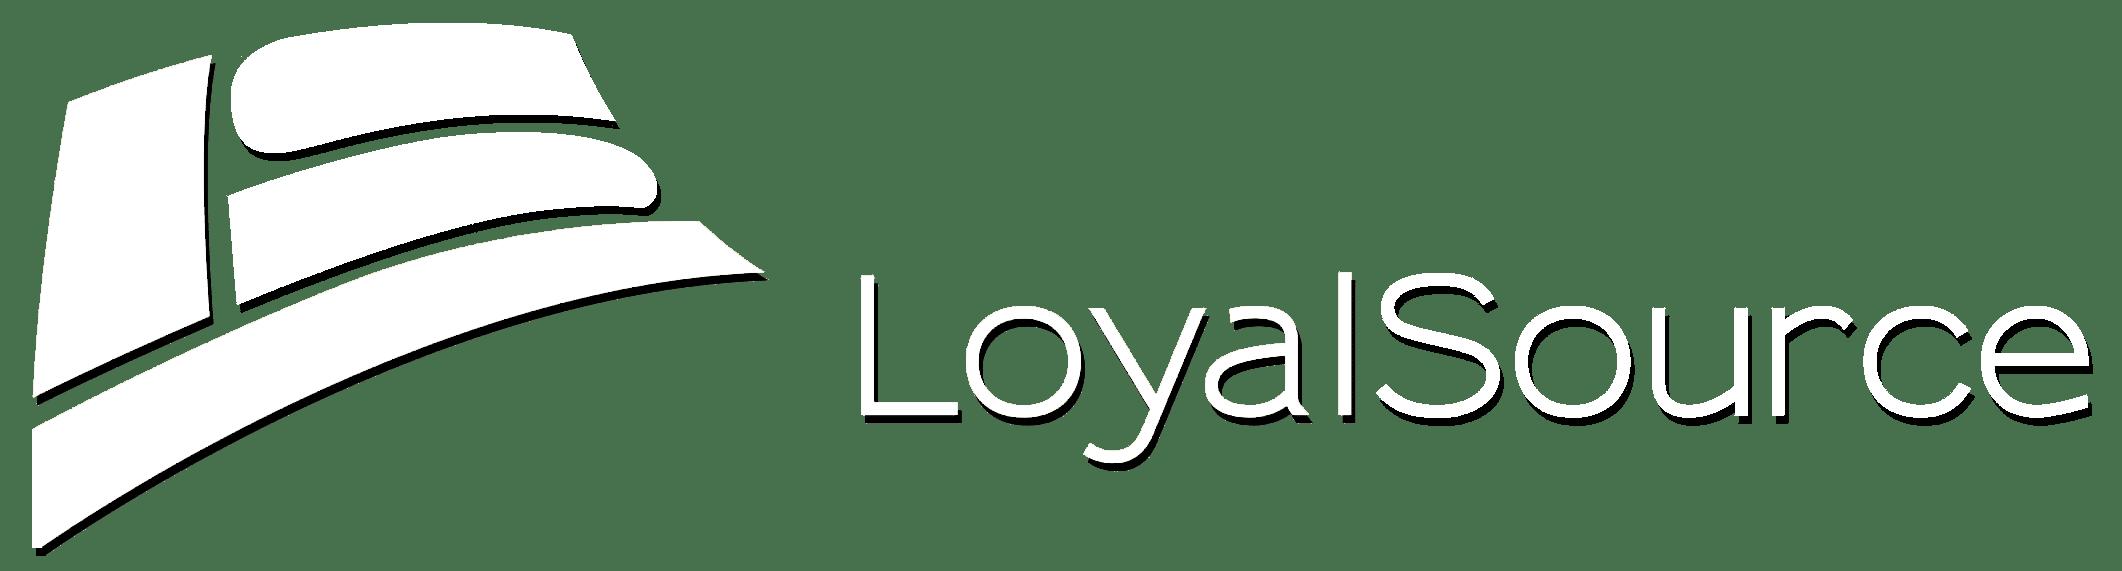 LS-White-Logo